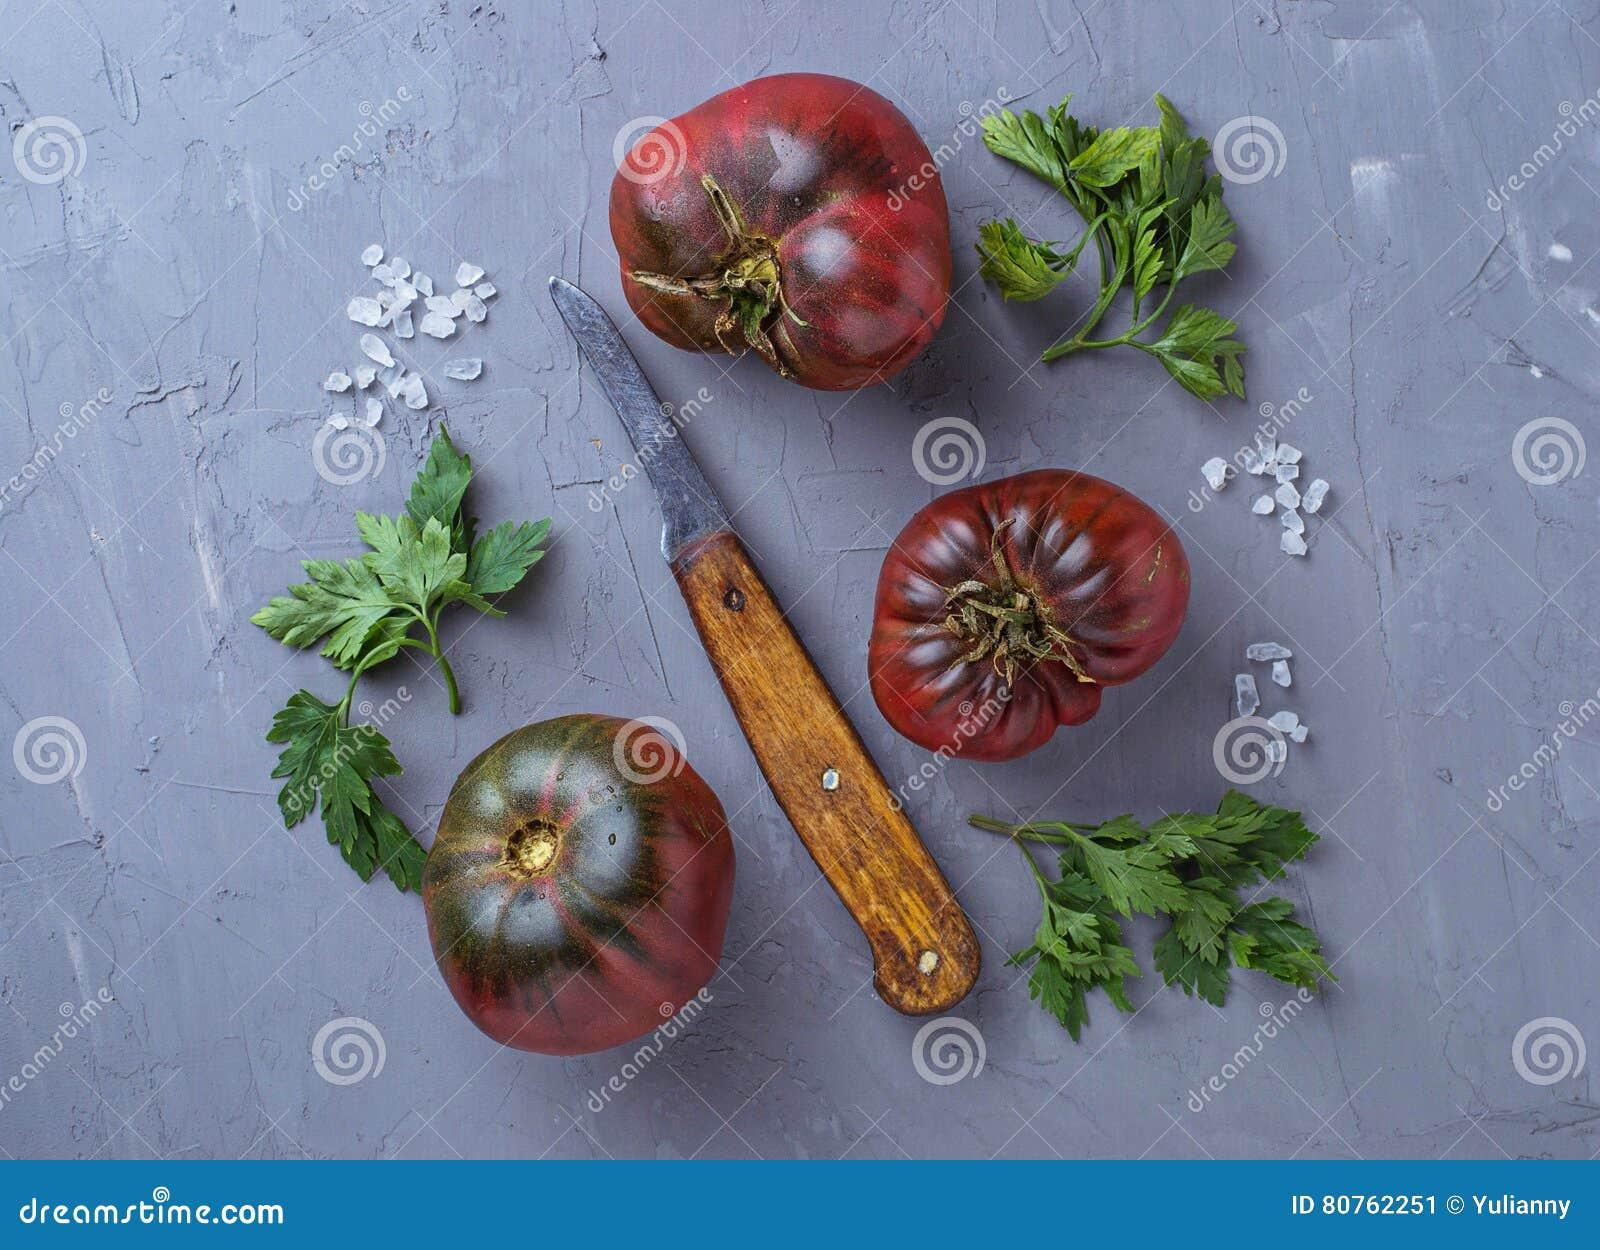 Pomidor, sól, pietruszka i nóż na szarość, betonujemy tło